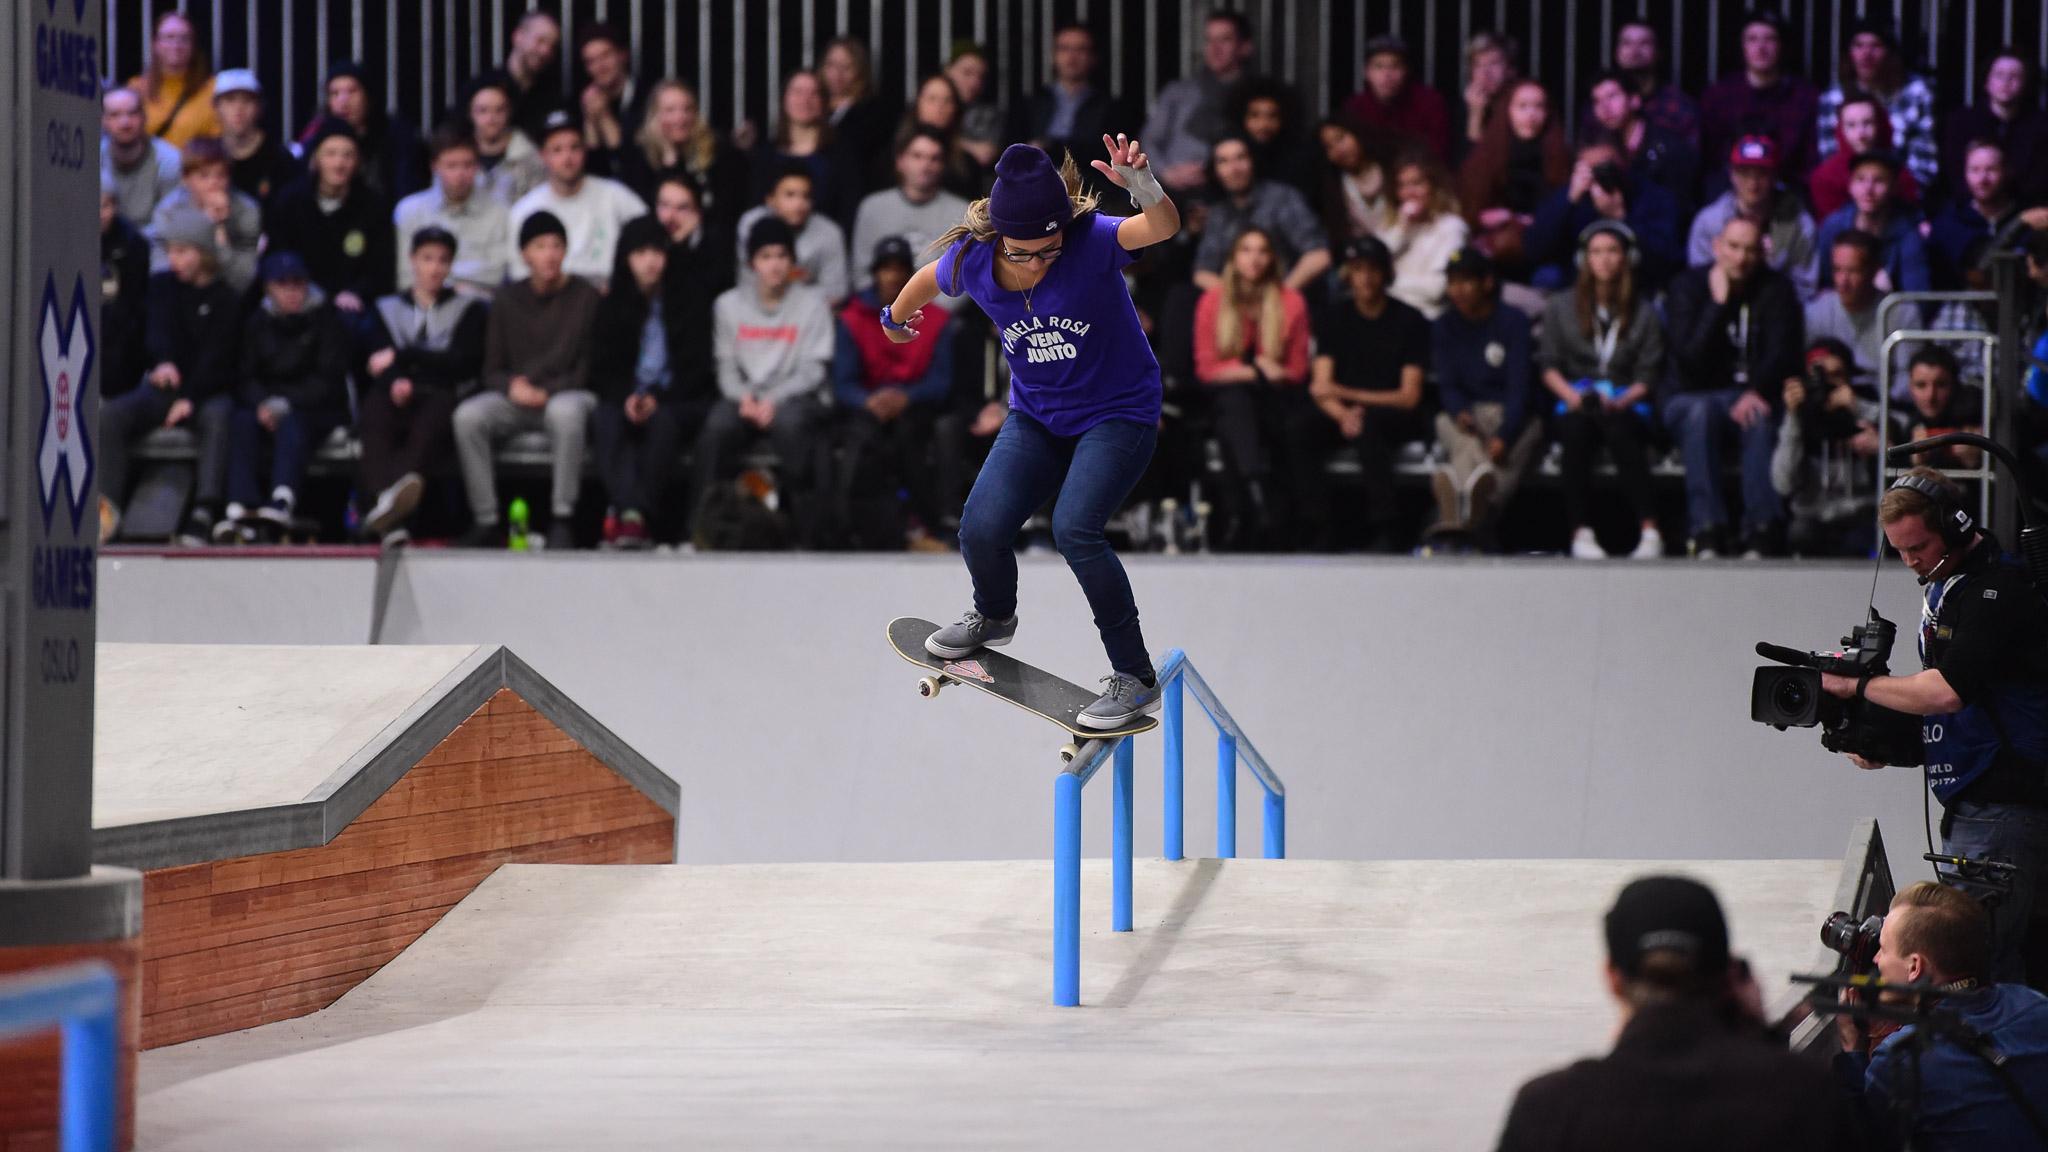 Women's Skateboard Street